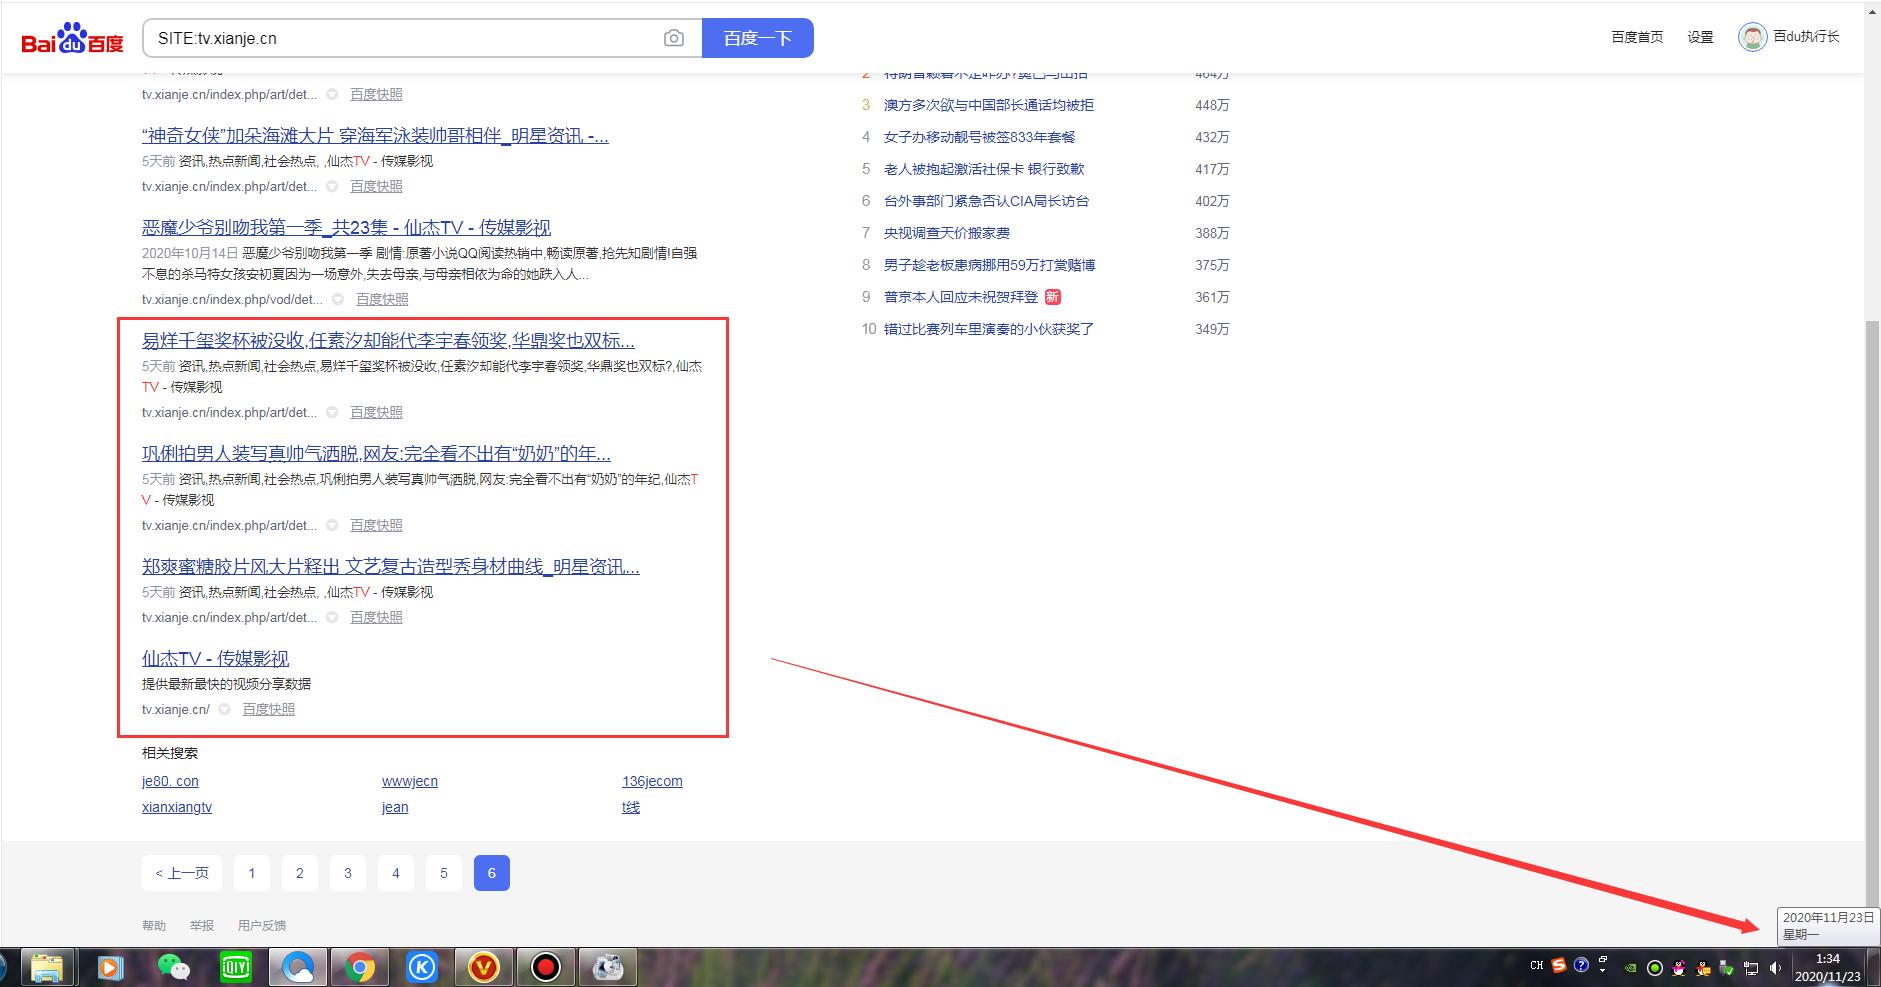 仙杰笔记 全新网站SEO最快18天收录 实战日记  百度 014846wqkccuwps3q91pdg